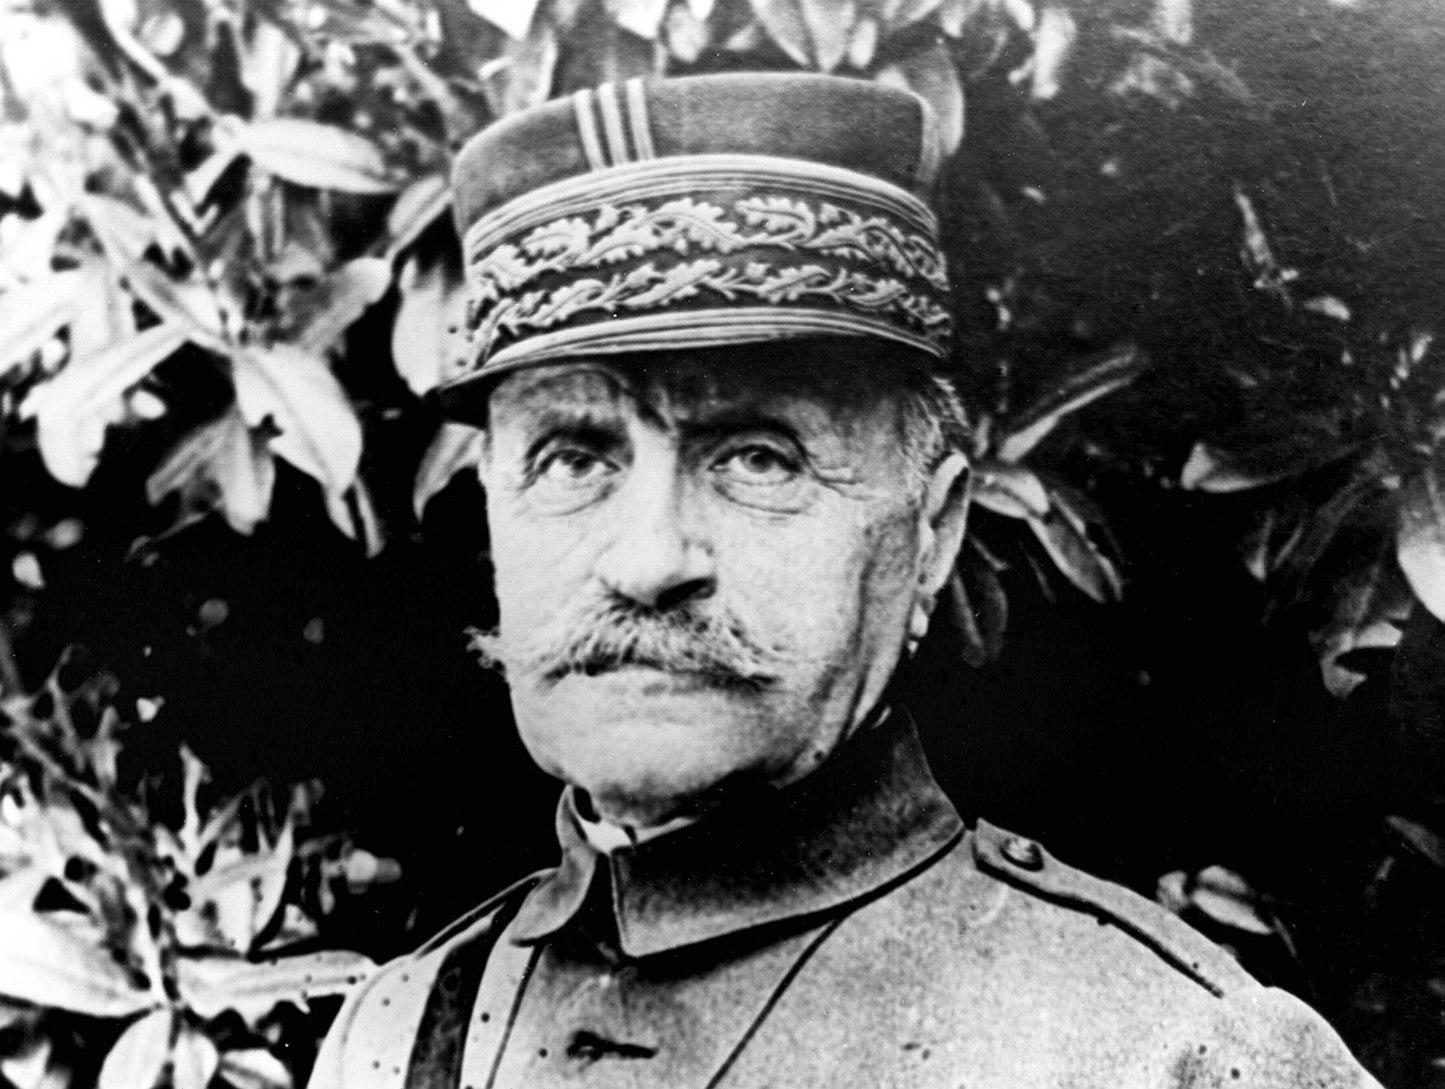 Franciaország, 1967. Ferdinand Foch francia katona, marsall, az első világháború legnagyobb francia hadvezére, 1851. október 2-án született Tarbesben. Meghalt 1929. március 20-án Párizsban.  MTI Fotó/CP